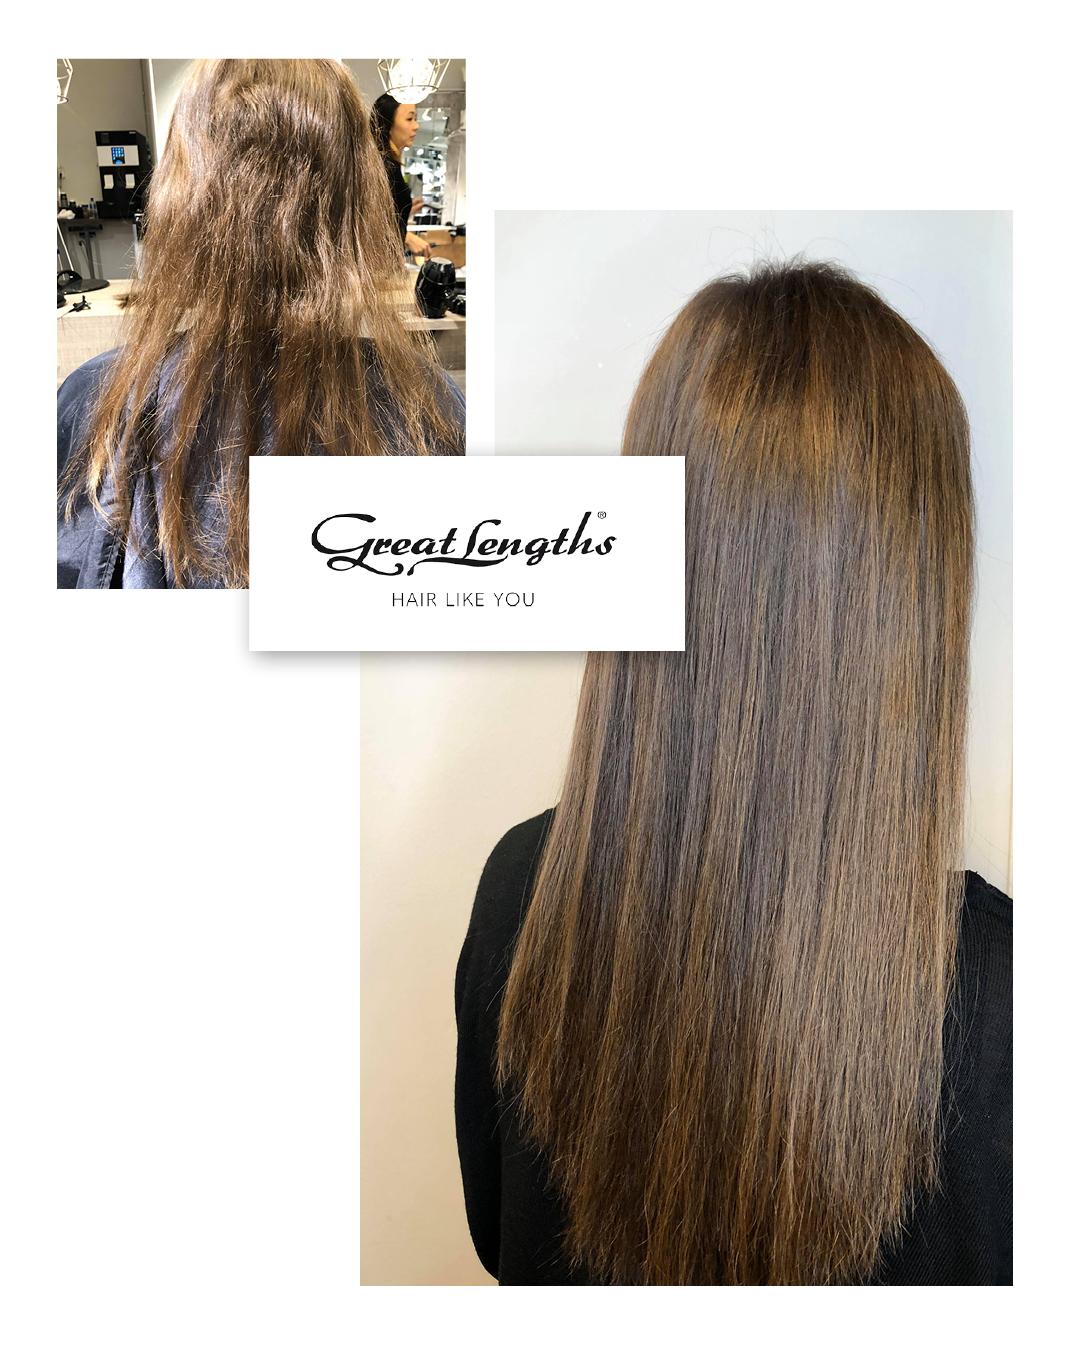 Hair extensions fra Great Lengths. Før-bilde av tynt, pistrete hår og etterbilde av langt, brunt, glansfullt hår